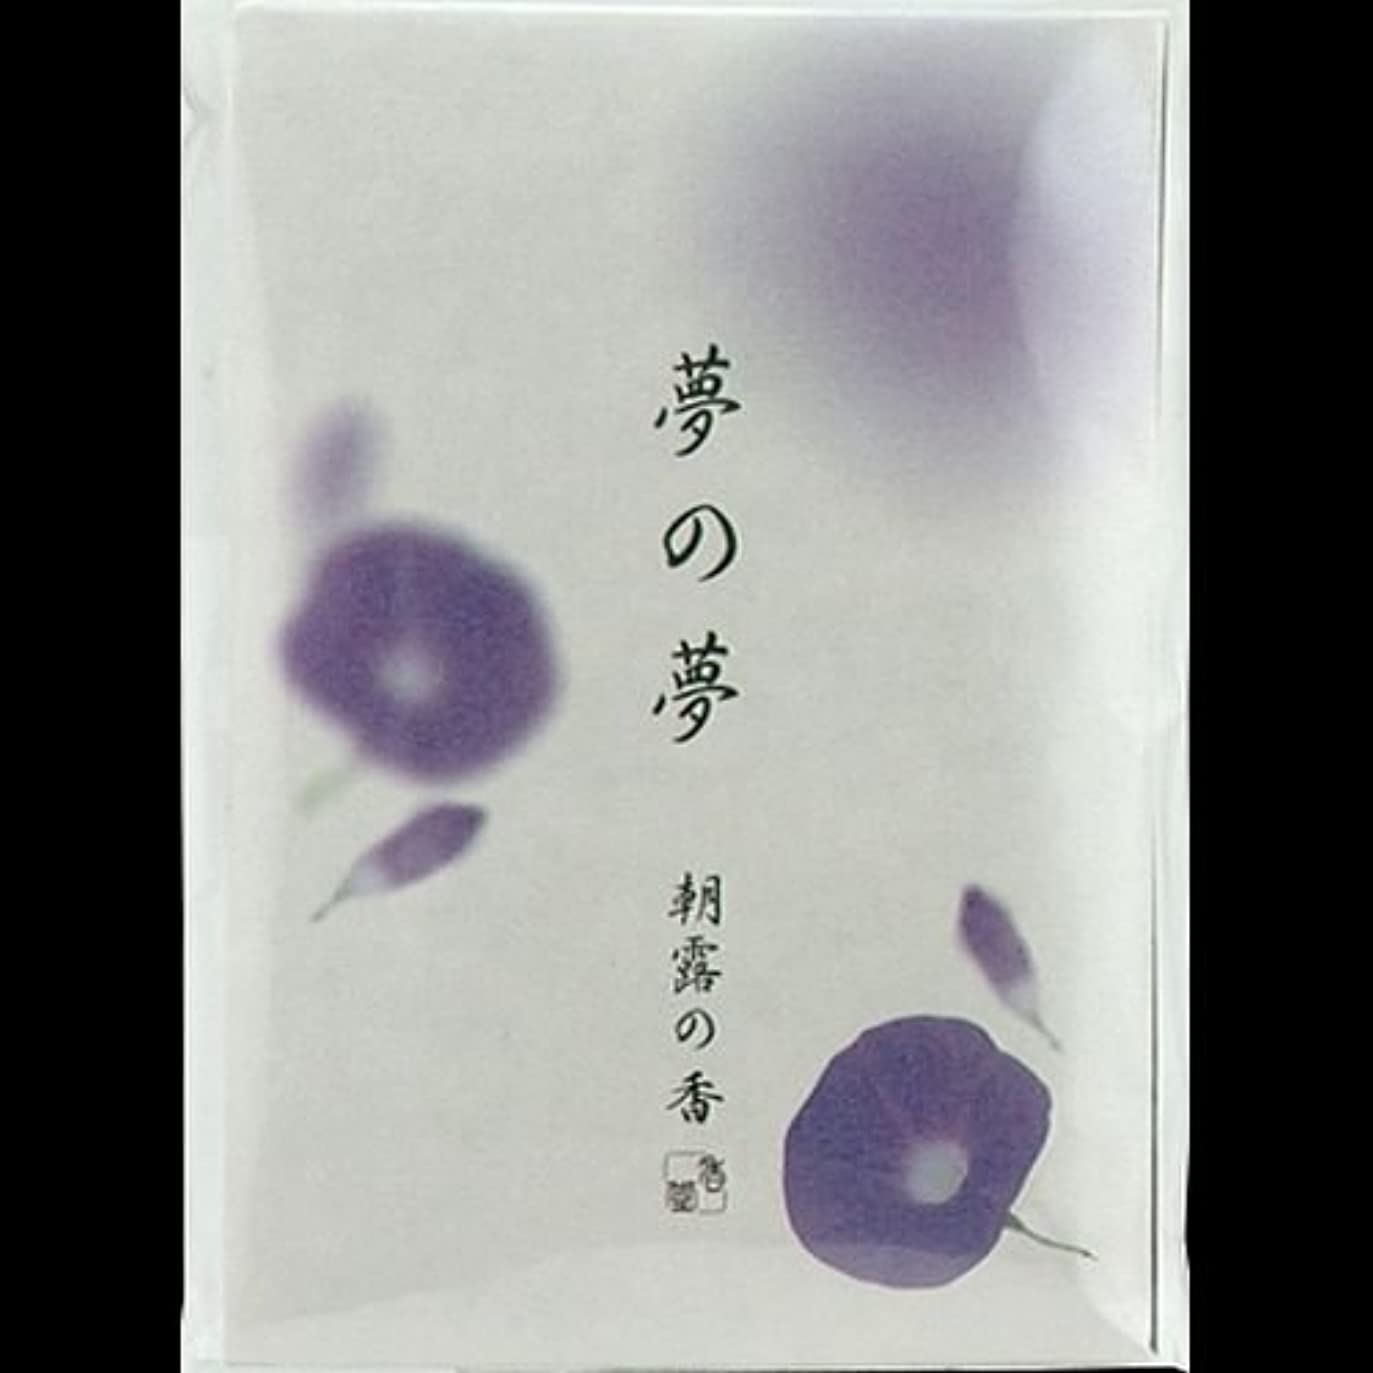 難しいシロナガスクジラ行【まとめ買い】夢の夢 朝露(あさつゆ) スティック12本入 ×2セット